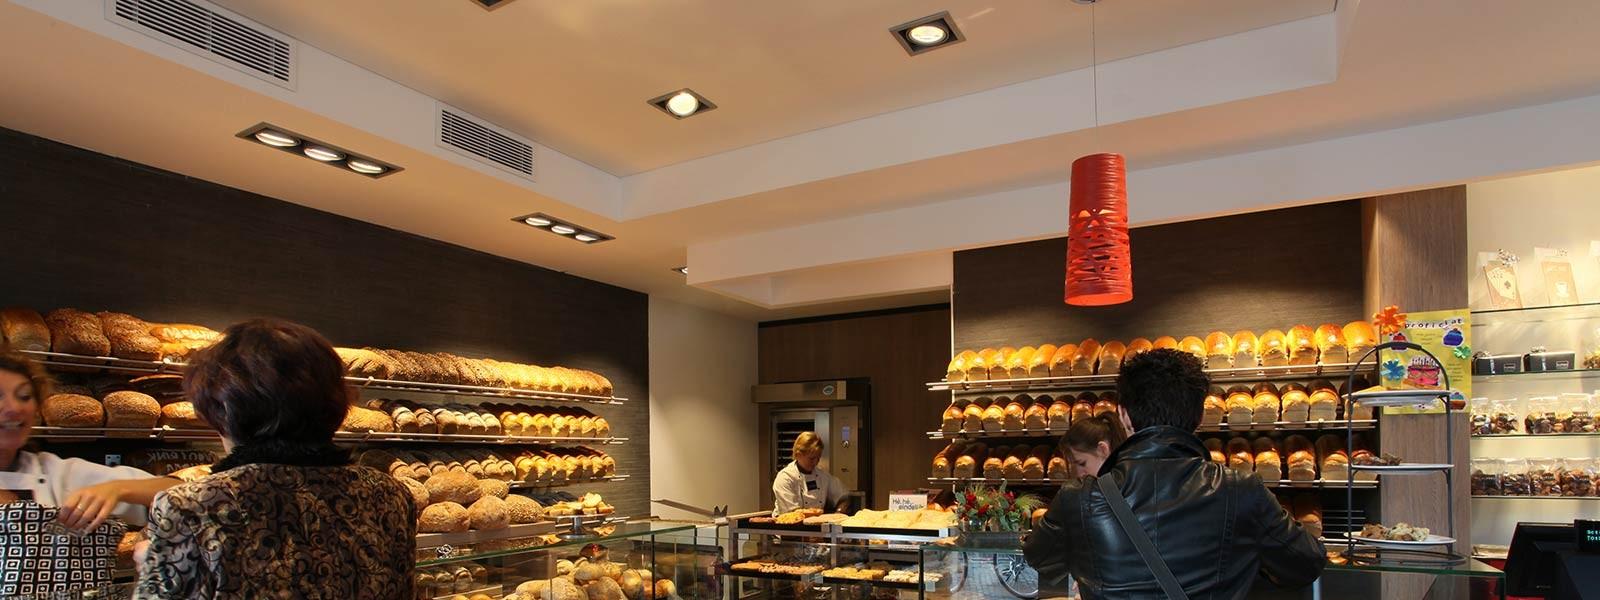 Verlichting in bakkerijen